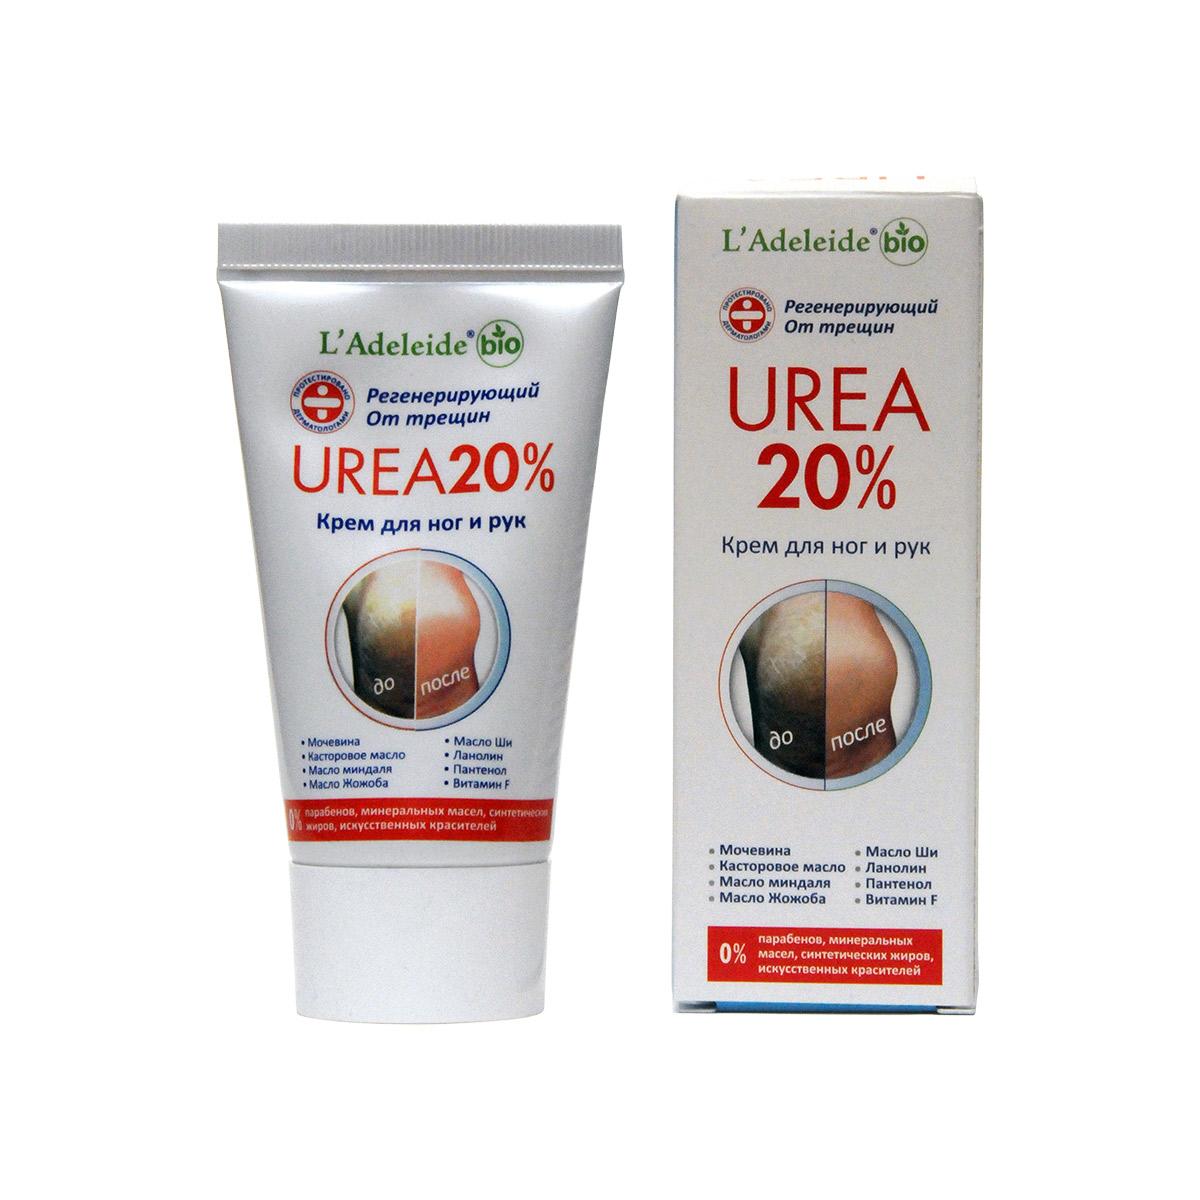 L'Adeleide Косметический крем для ног и рук UREA 20%, 50 мл